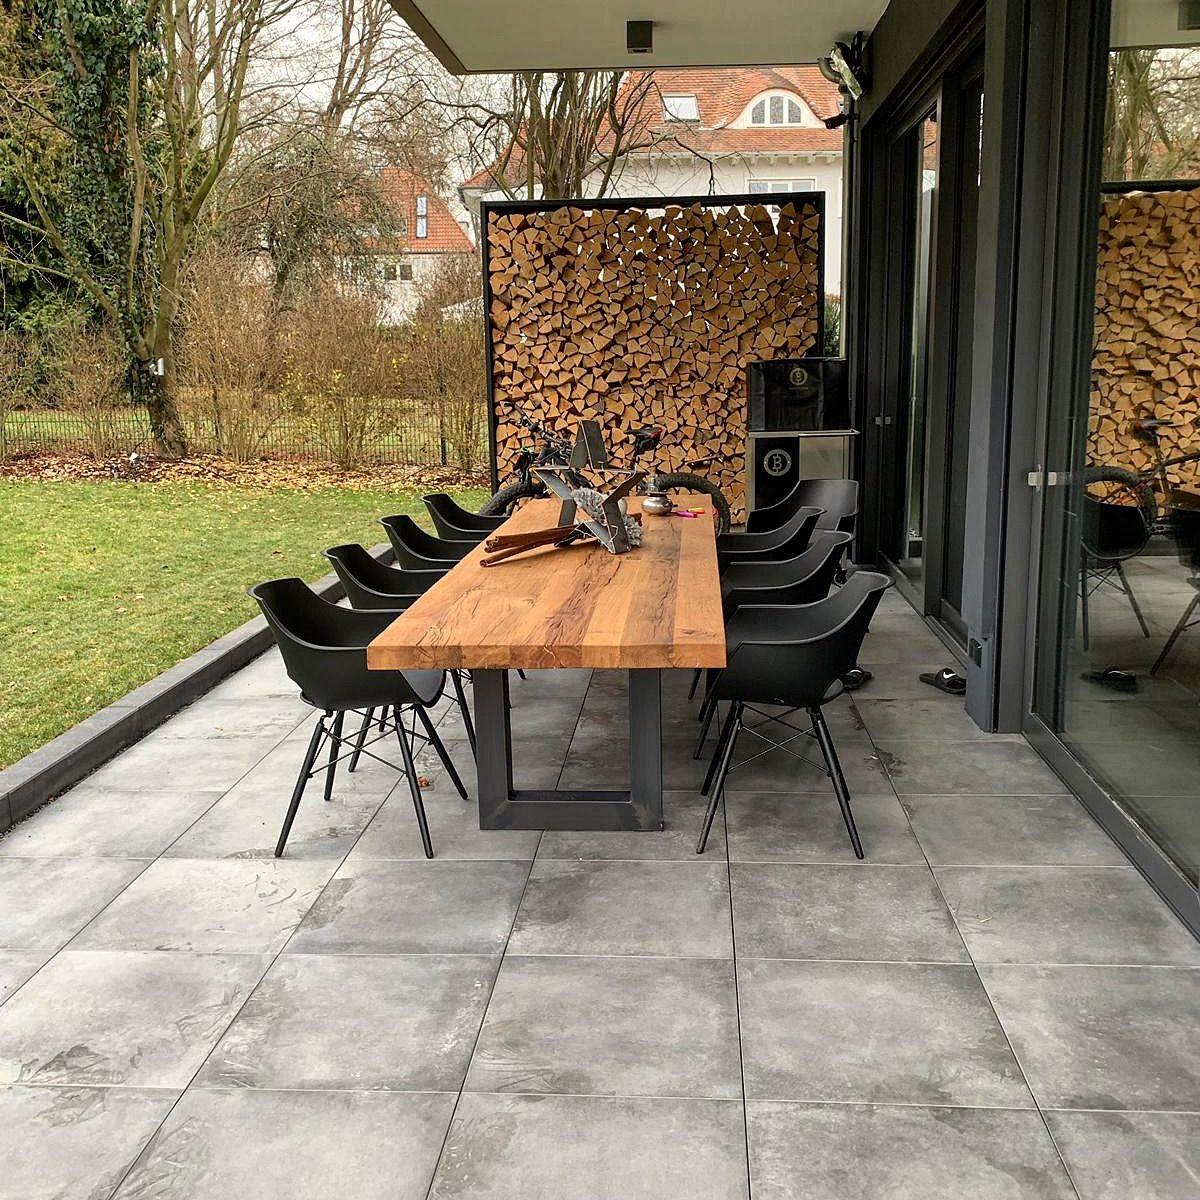 Massivholztisch Esstisch Outdoor Table Tisch Terrasse www